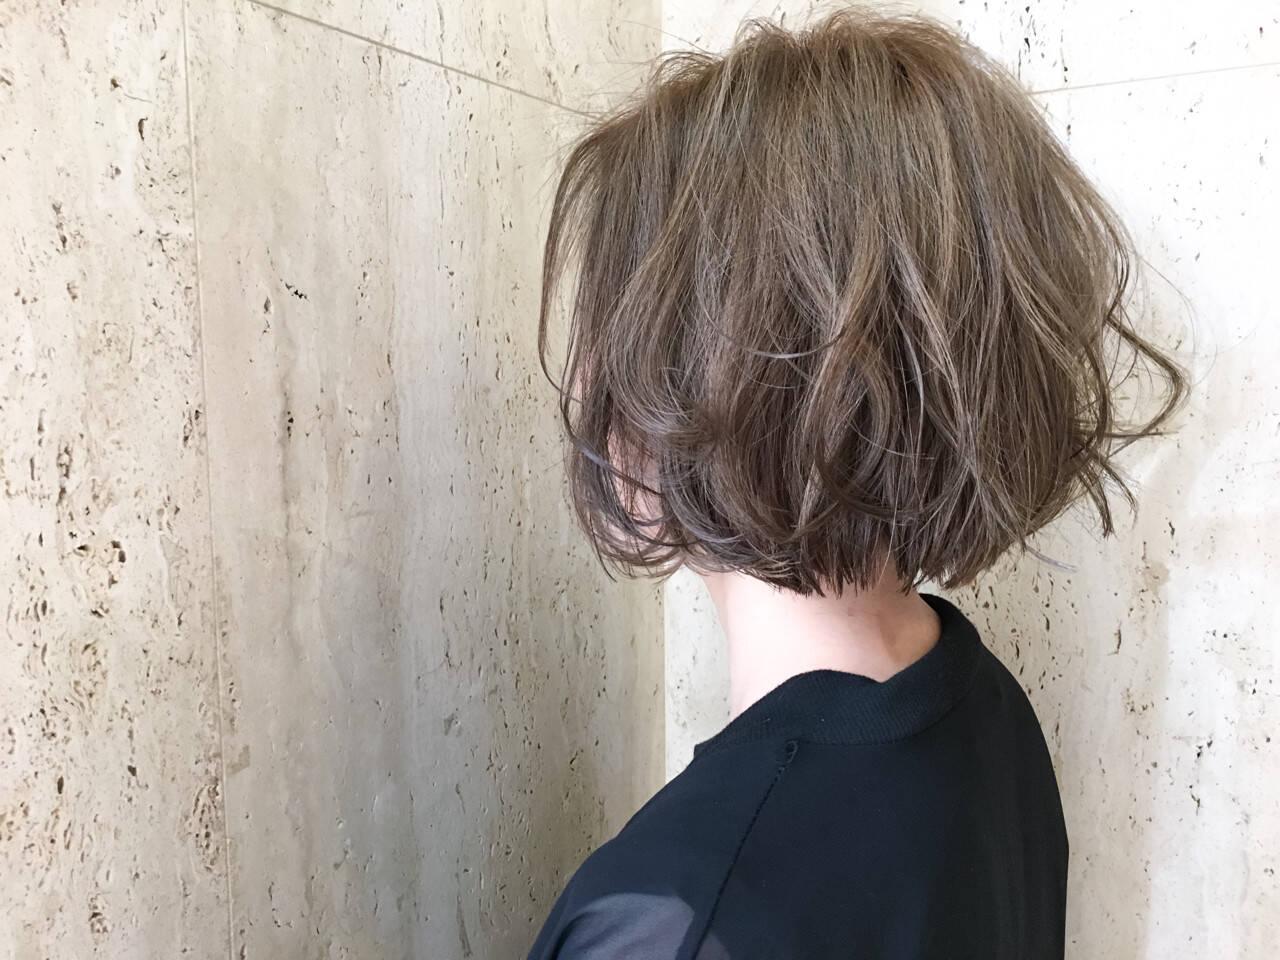 ボブ 大人かわいい 外国人風 ハイライトヘアスタイルや髪型の写真・画像